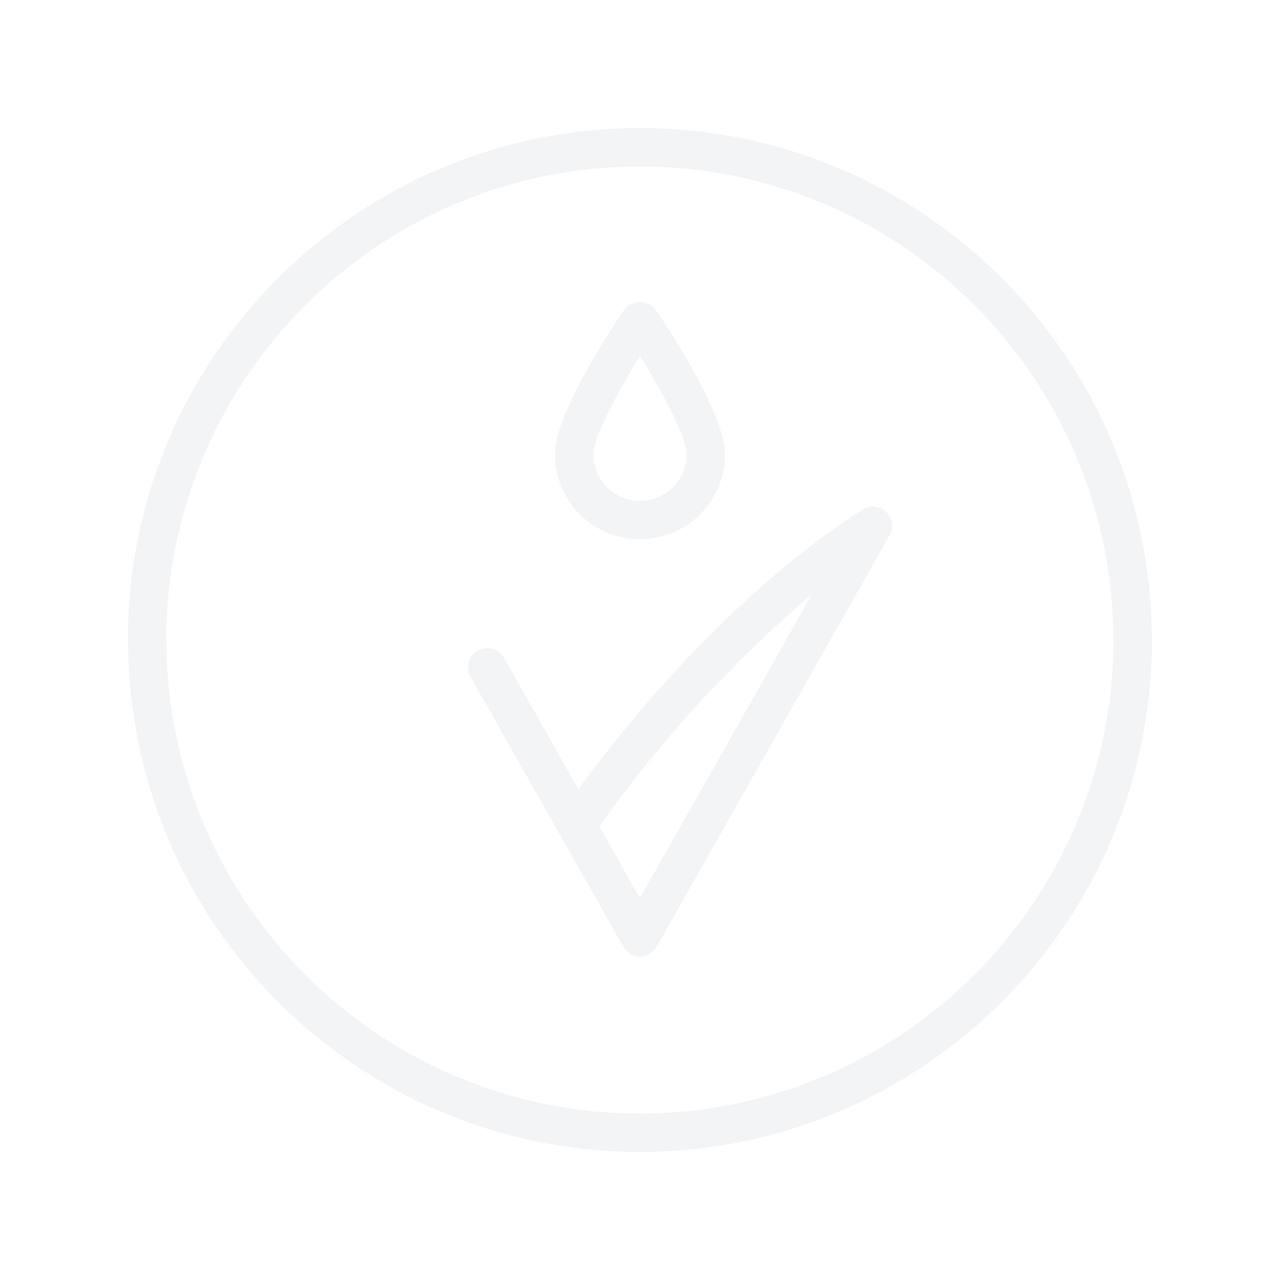 Sleek Makeup Eyebrow Stylist 0.22g